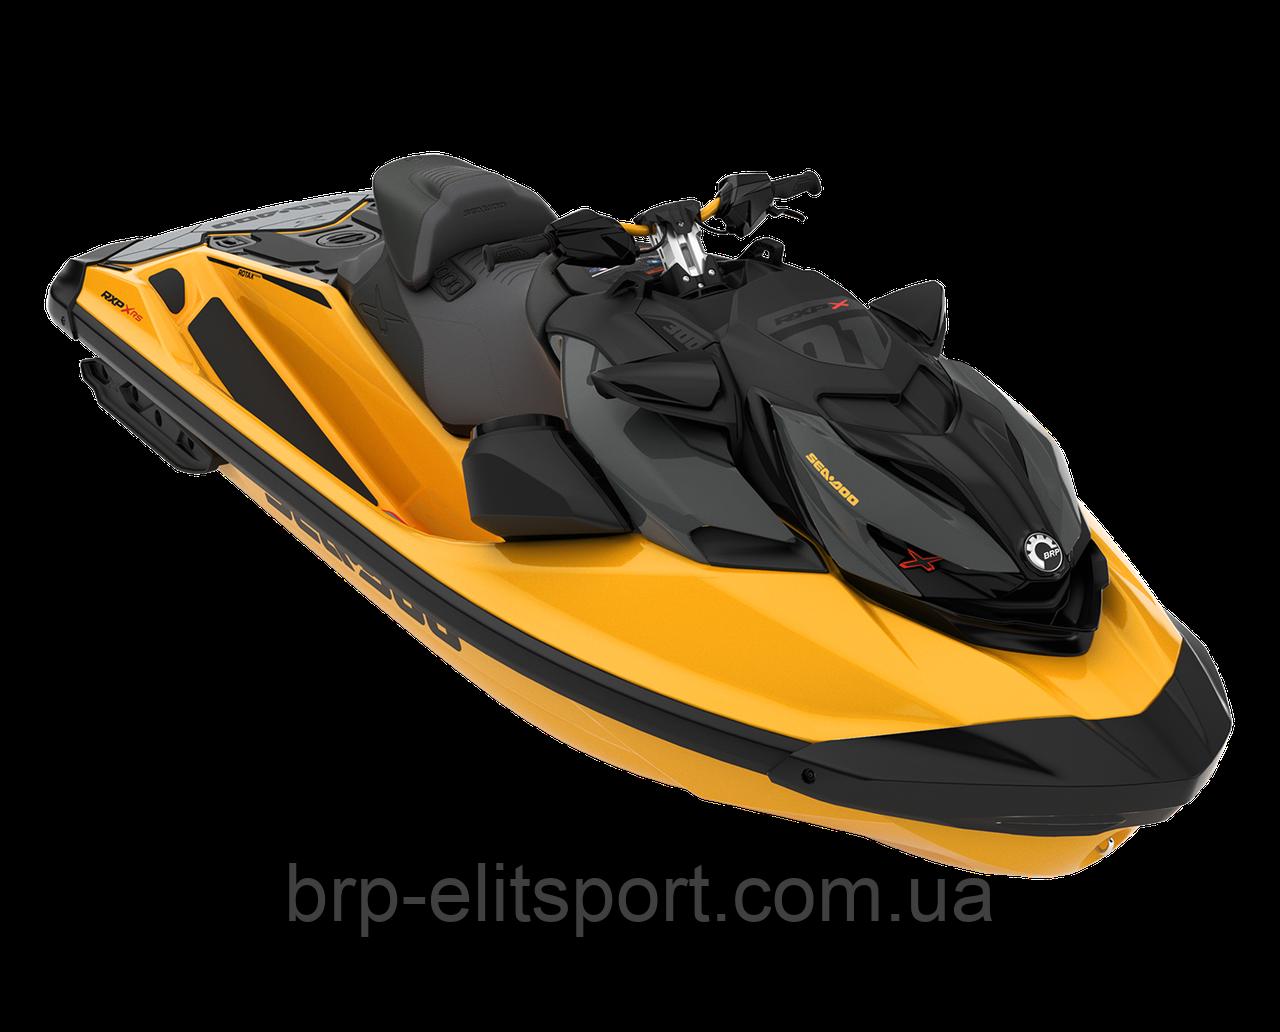 RXP-X 300 (2022)